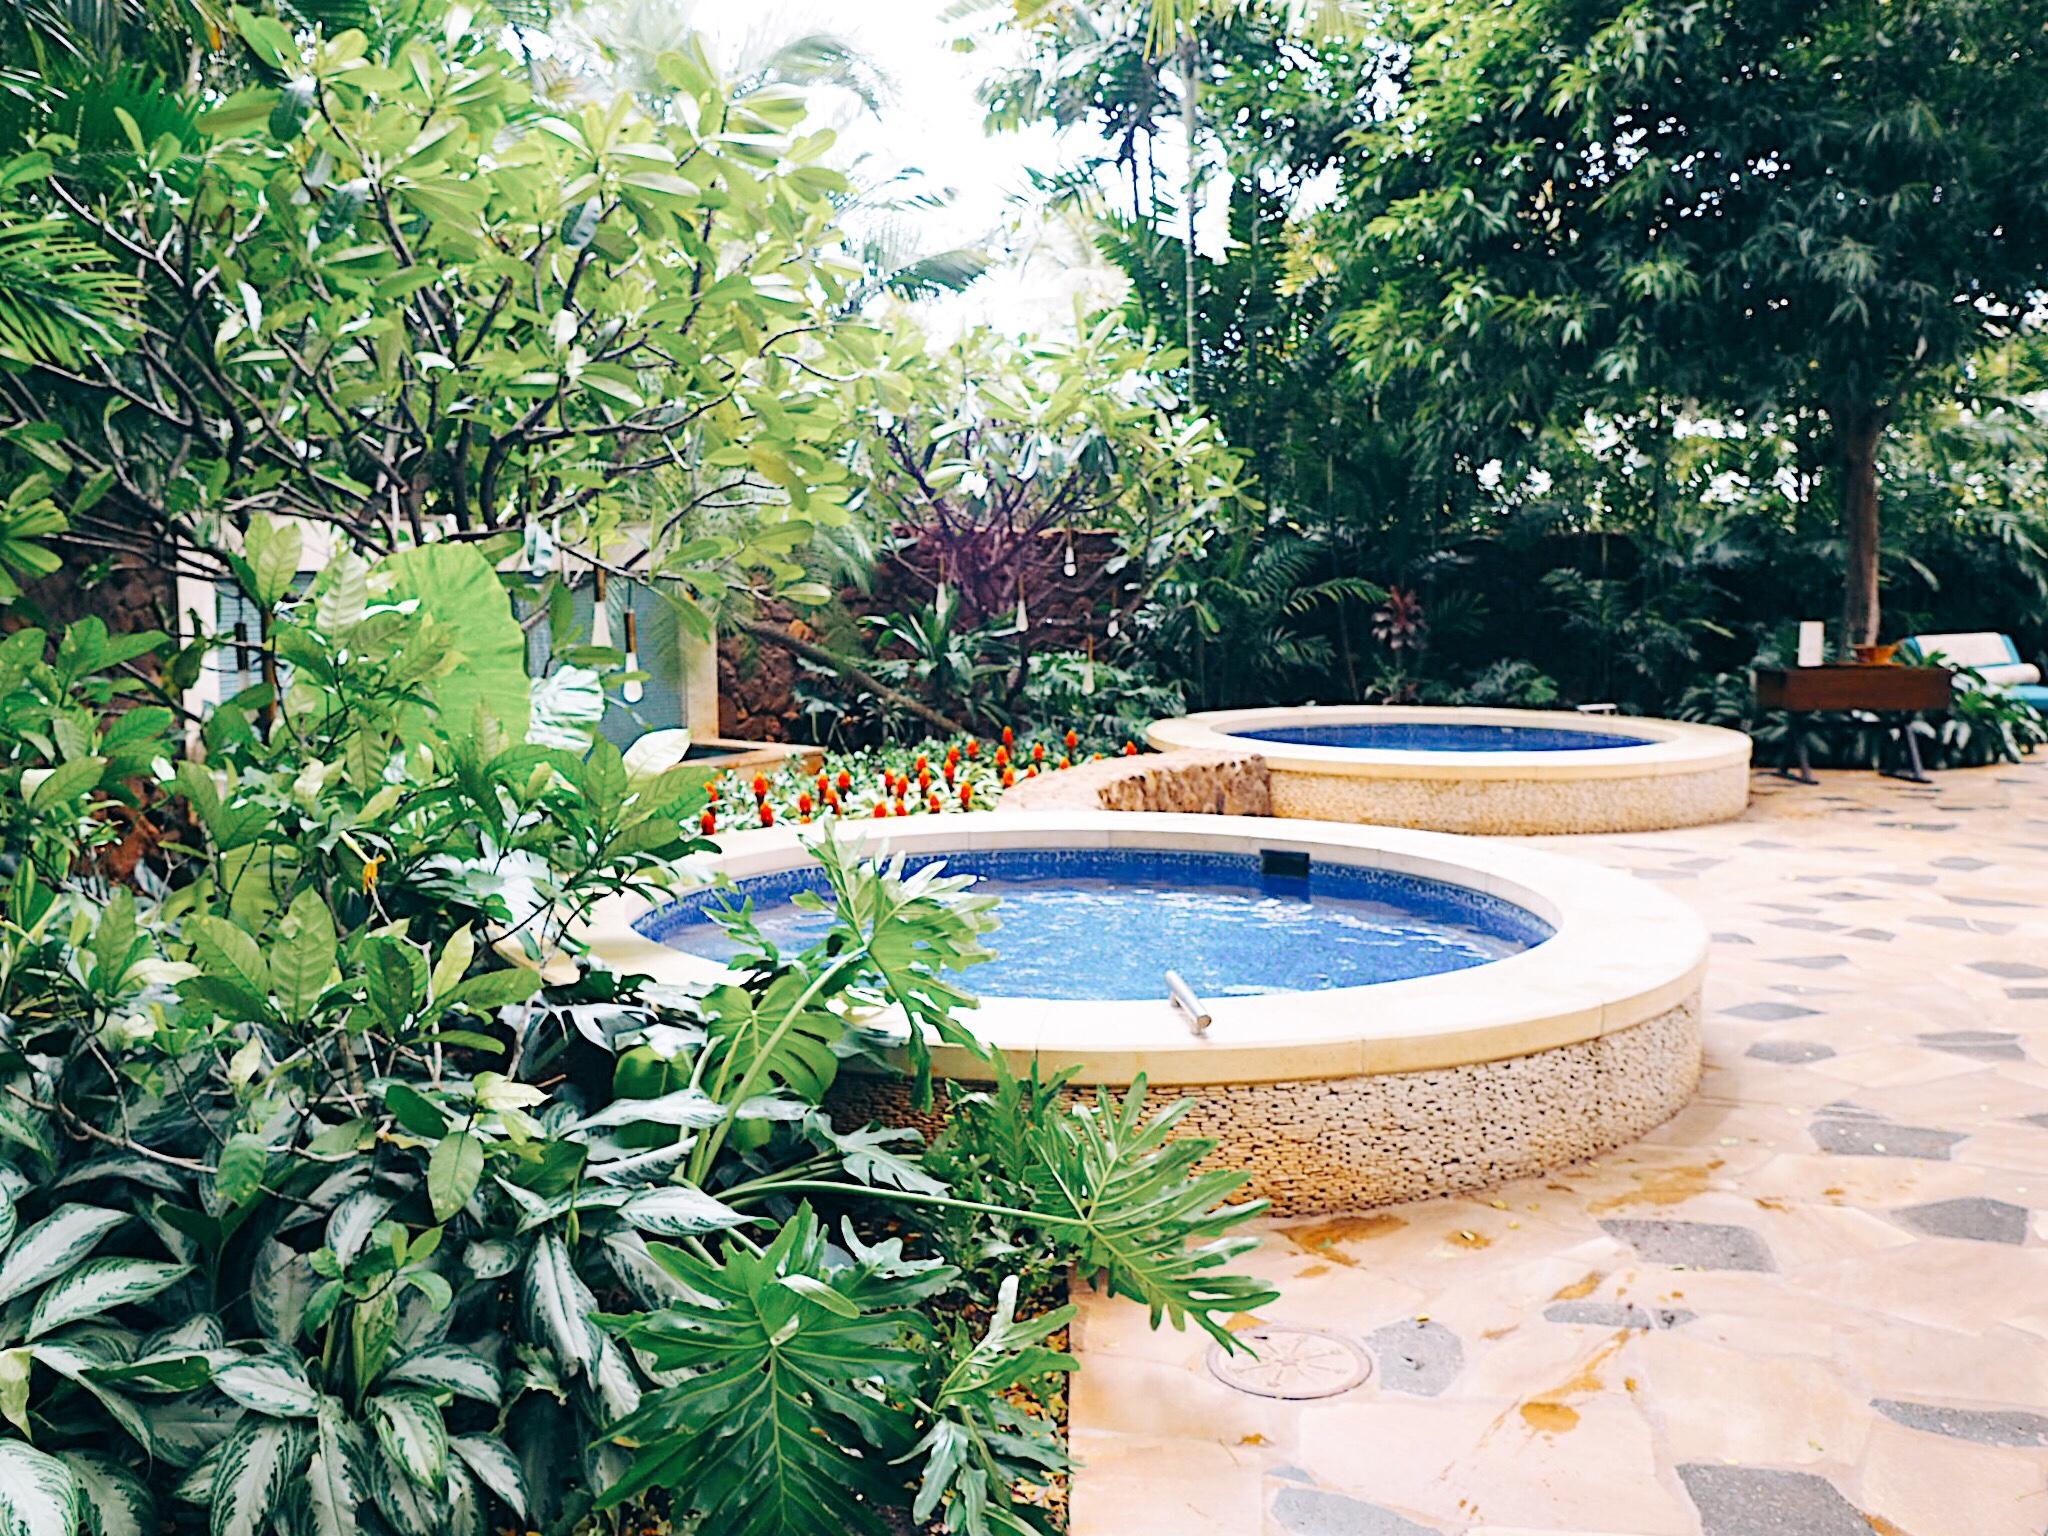 7fd8b040 f340 4b6d 8c99 e9b99b1c1812 - Aulani, A Disney Resort & Spa  -  大人だけの空間 LANIWAI SPAでの至福の時間